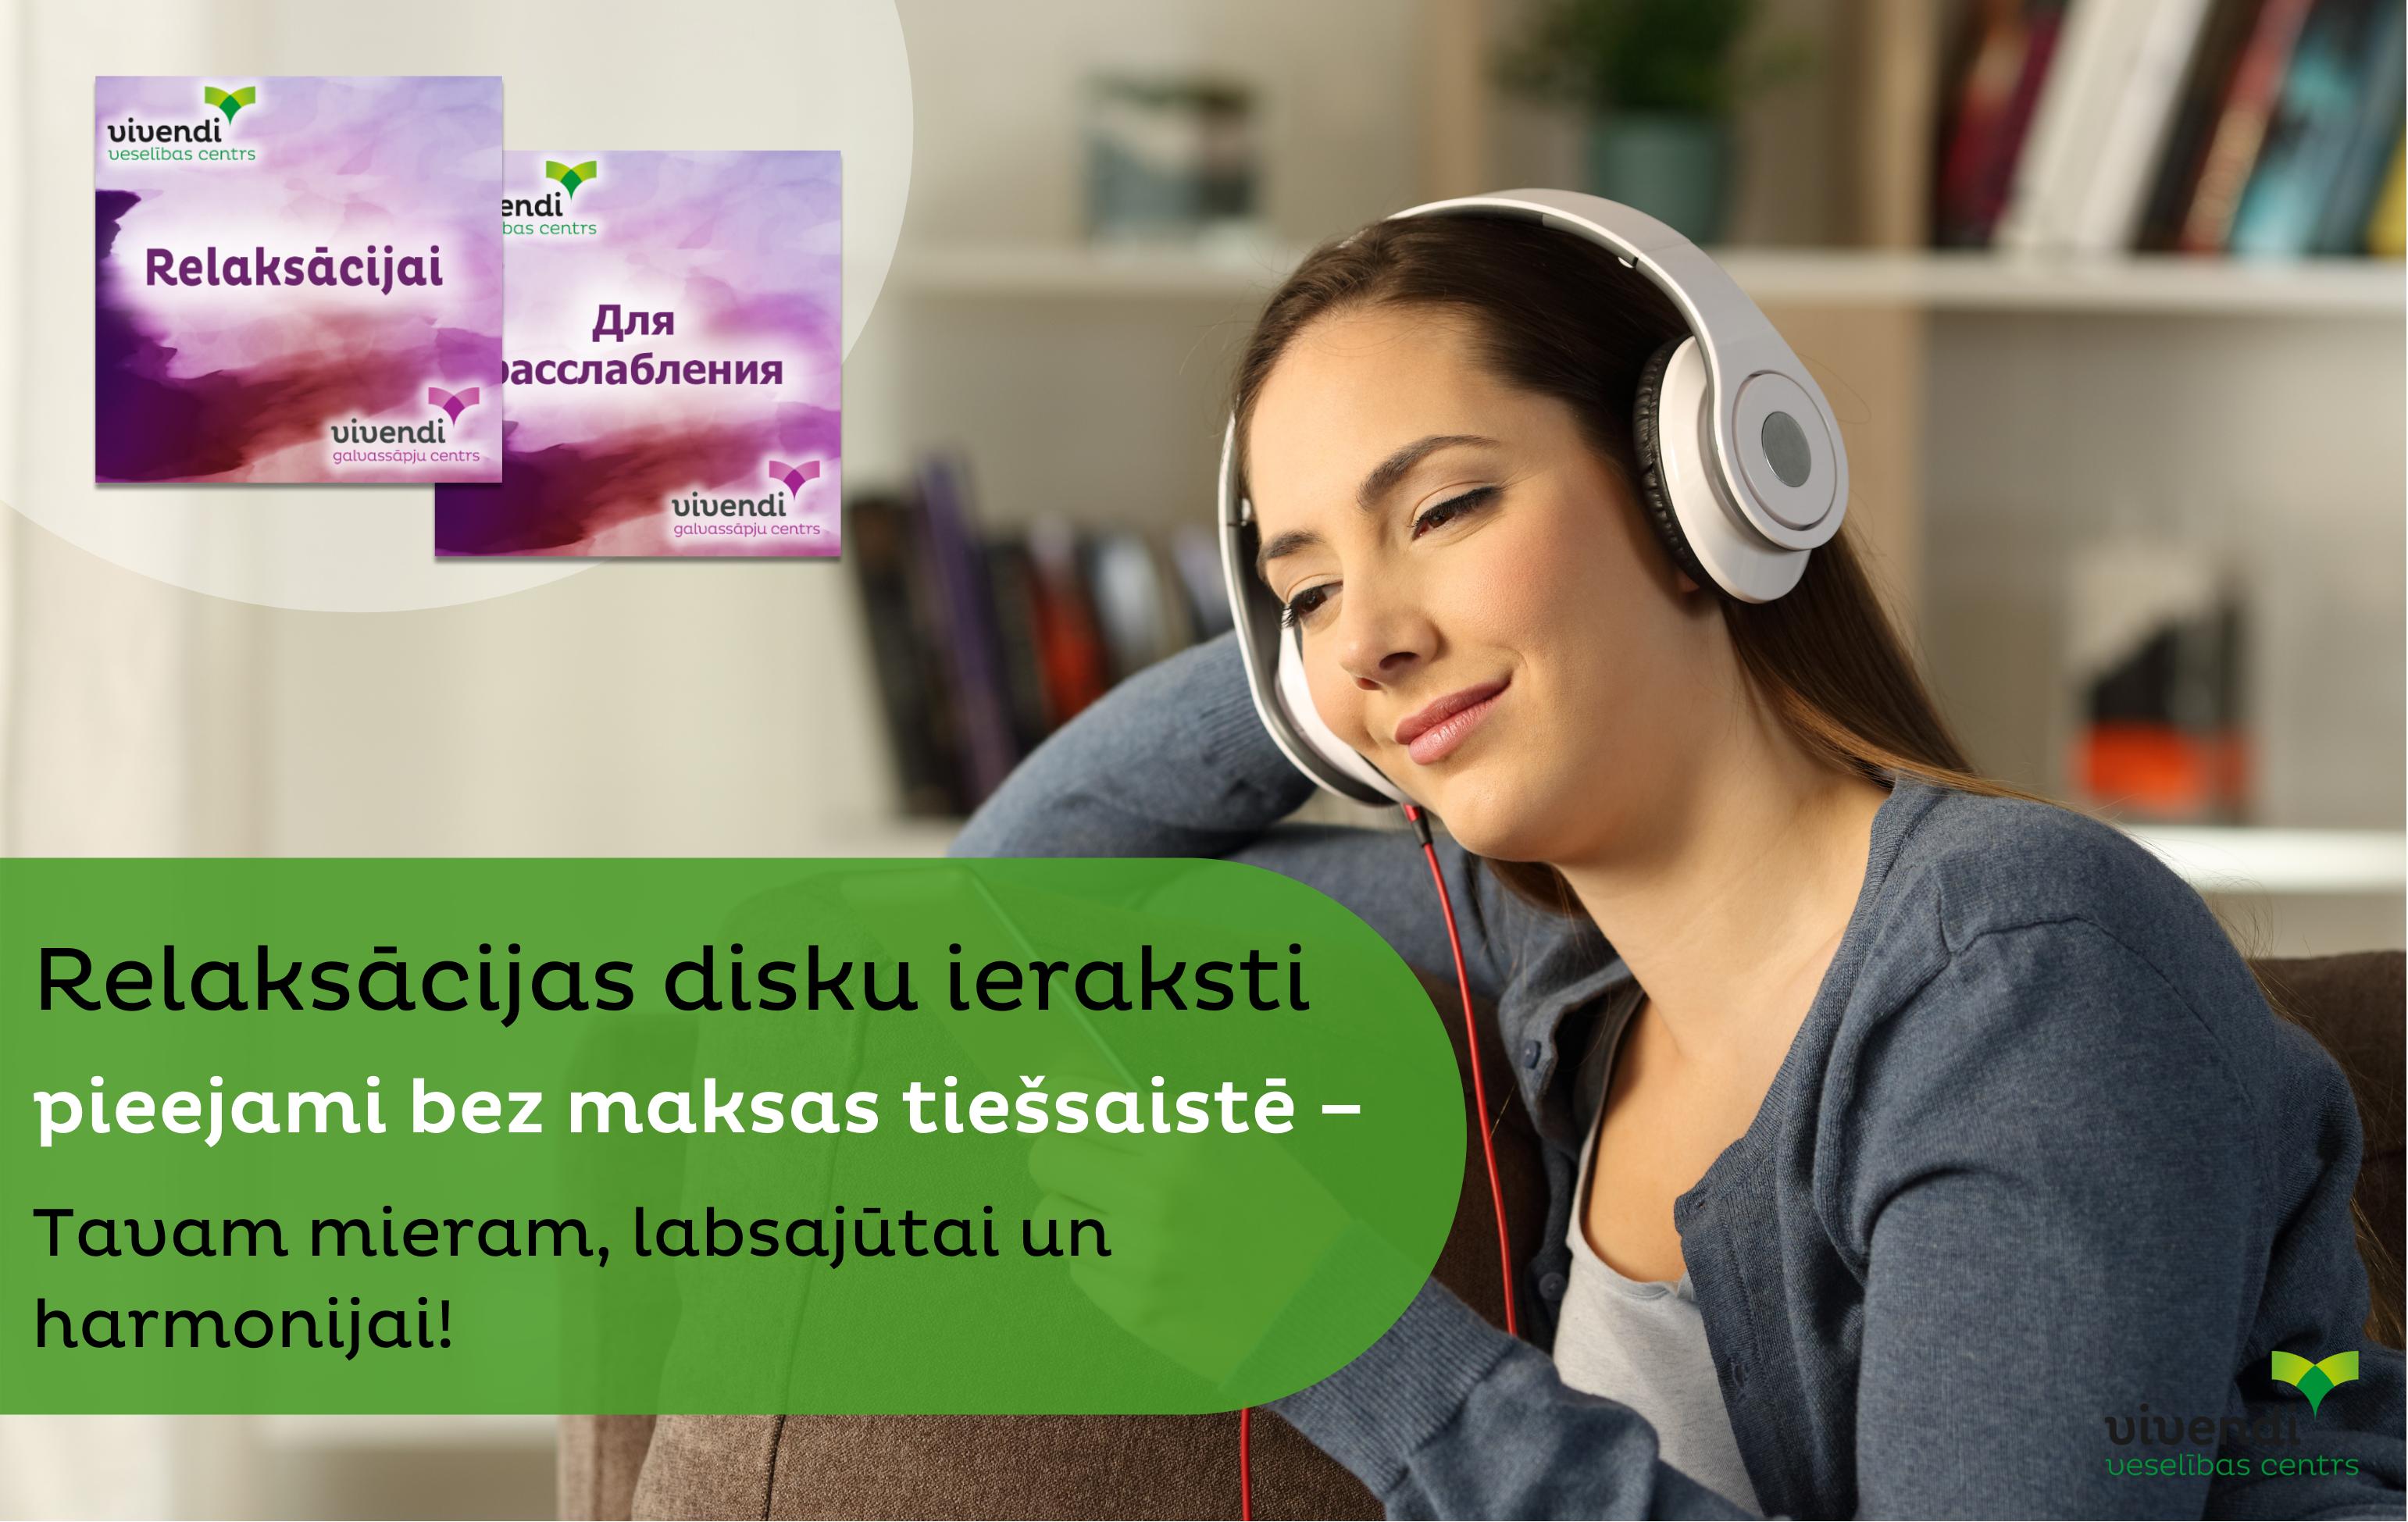 Relaksacijas_disku_ieraksti_pieejami_tiessaiste.png